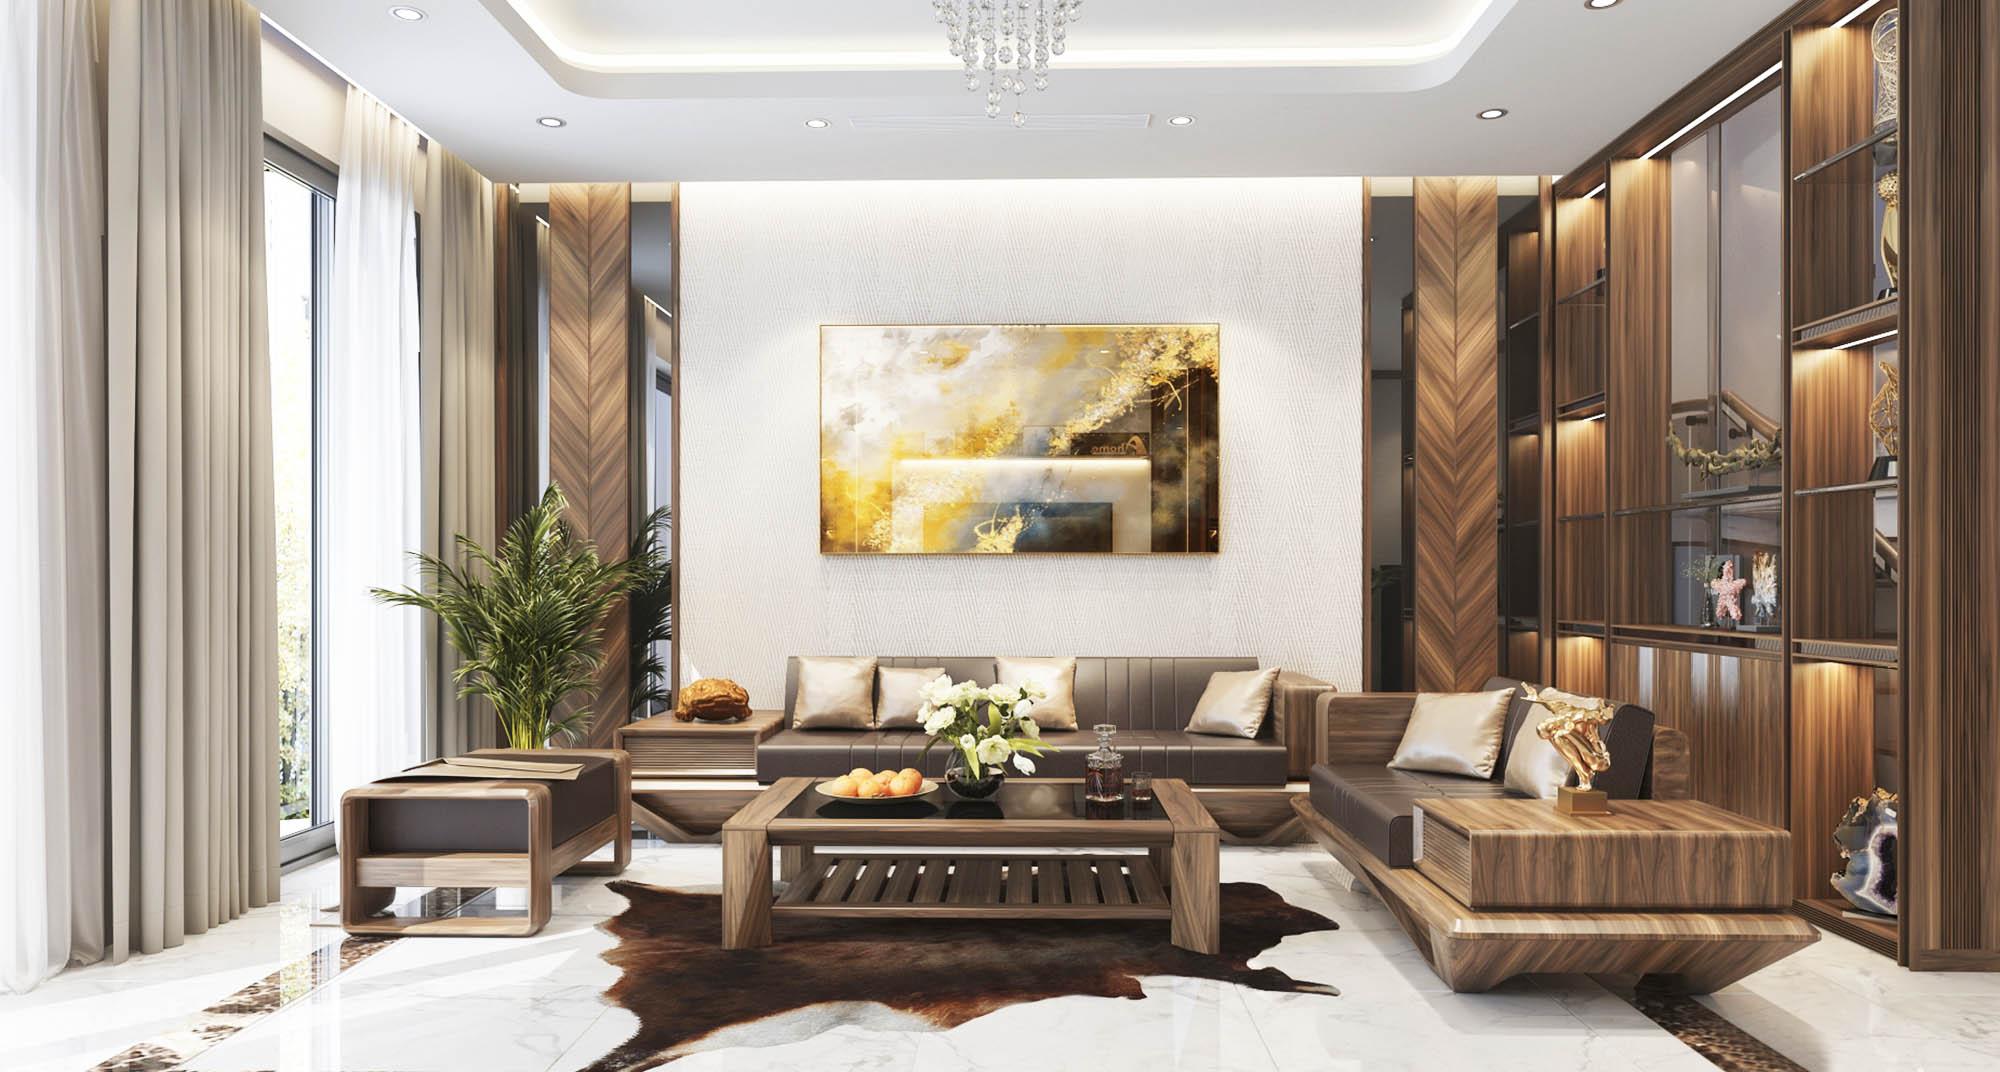 Trang trí nội thất phòng khách nhà ống - Nội thất Cát Tường